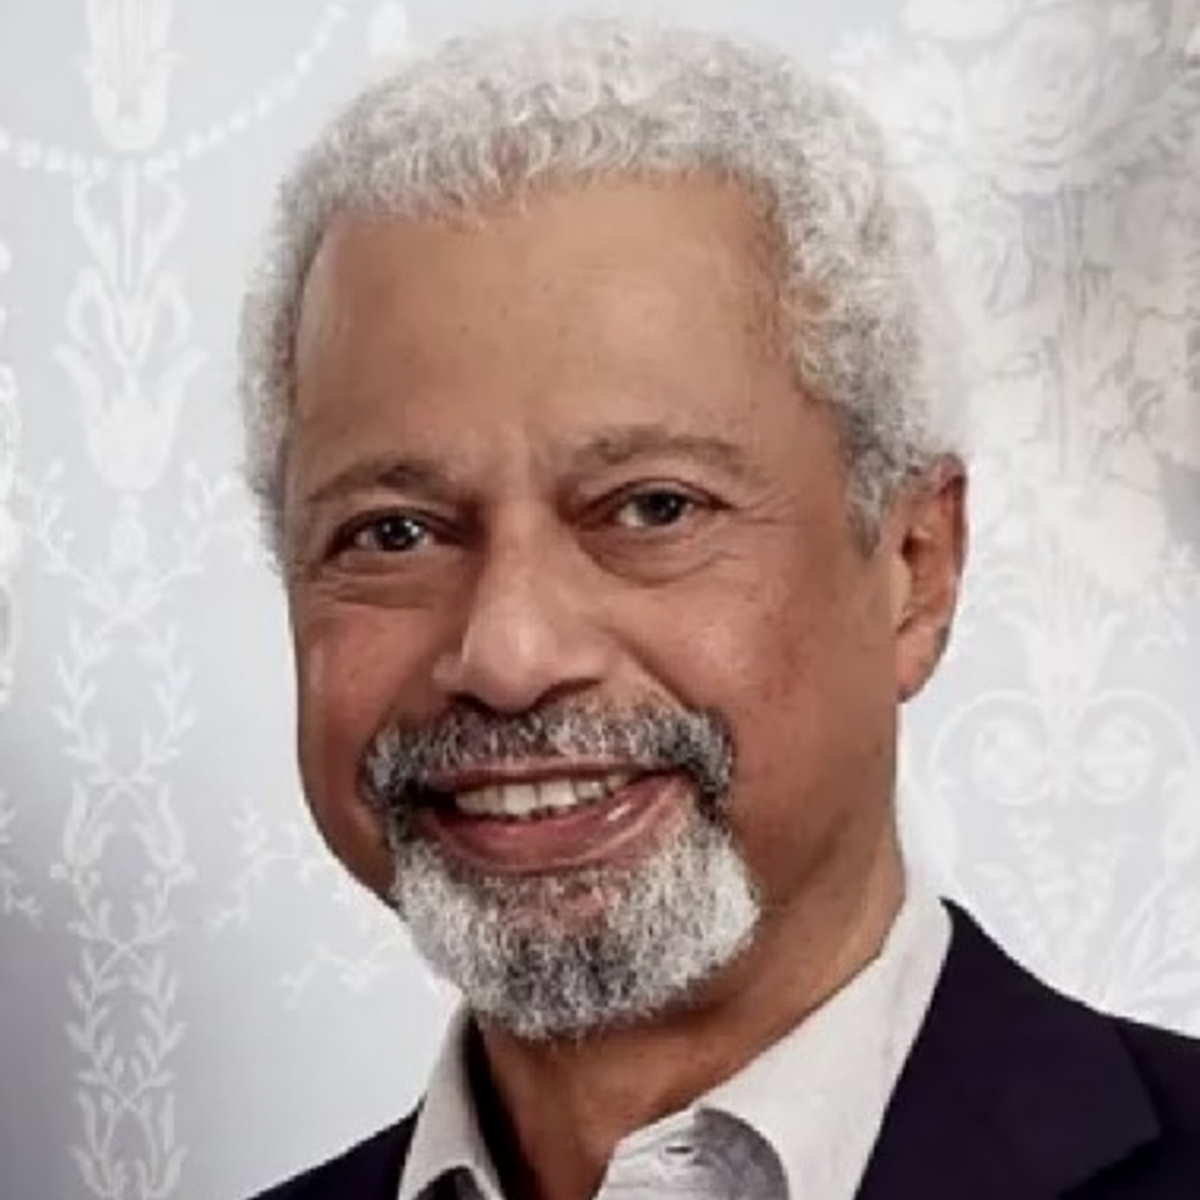 Premio Nobel per la letteratura ad Abdulrazak Gurnah, Voce degli Ultimi